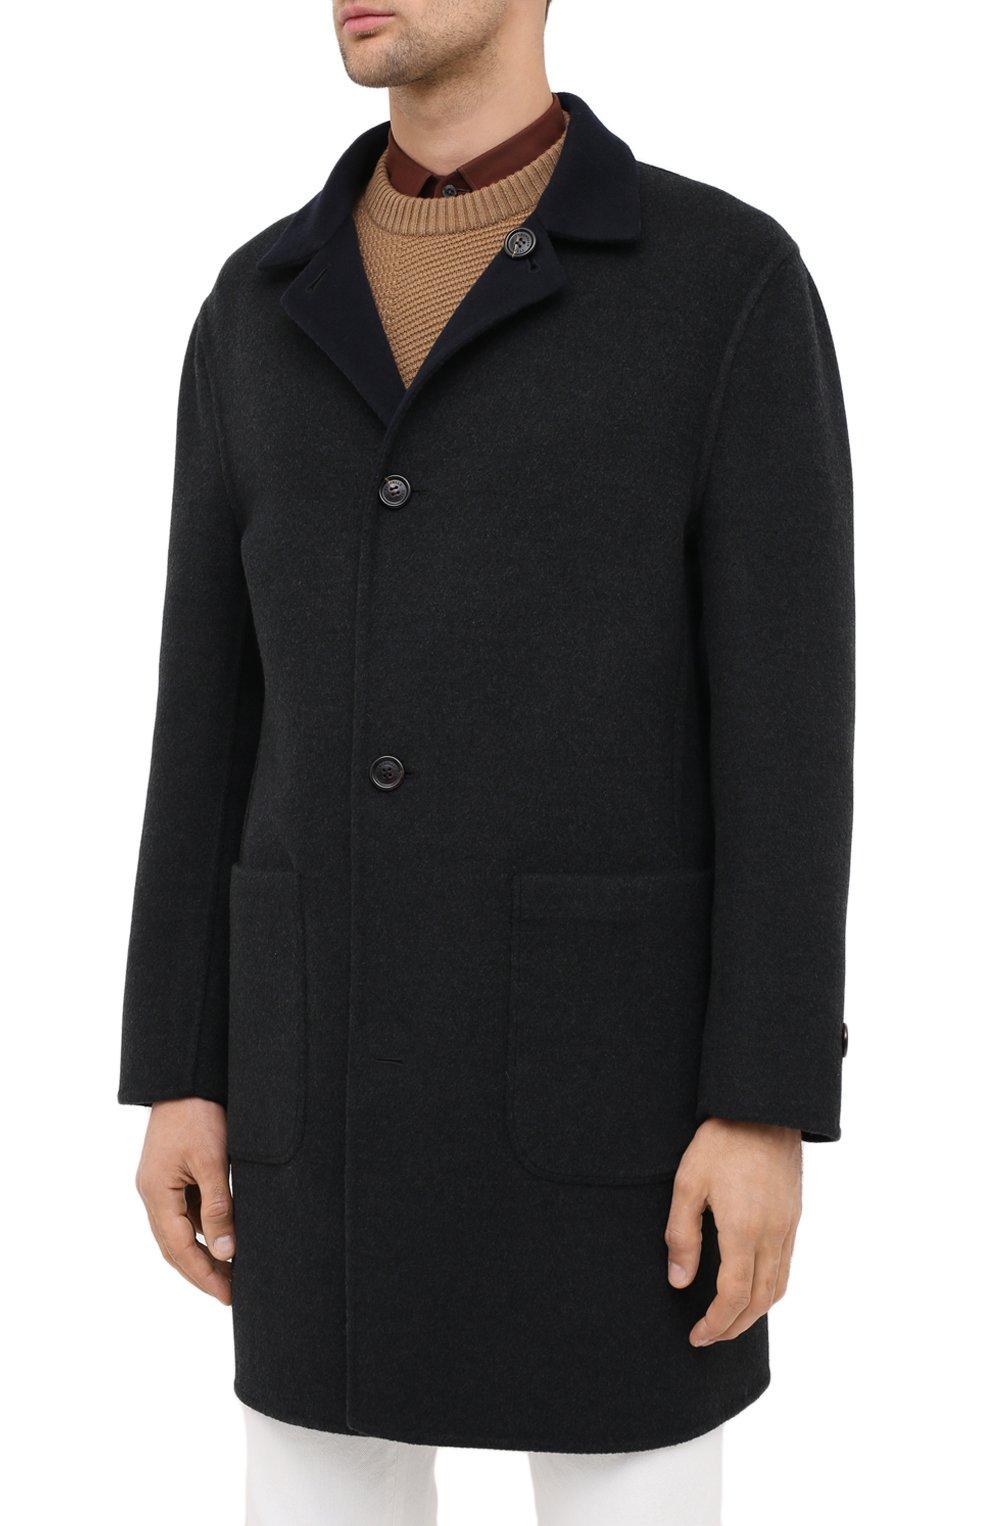 Мужской двустороннее кашемировое пальто BRUNELLO CUCINELLI темно-серого цвета, арт. ML4549947   Фото 4 (Материал внешний: Шерсть, Кашемир; Рукава: Длинные; Длина (верхняя одежда): До середины бедра; Мужское Кросс-КТ: Верхняя одежда, пальто-верхняя одежда; Стили: Кэжуэл; Статус проверки: Проверена категория)